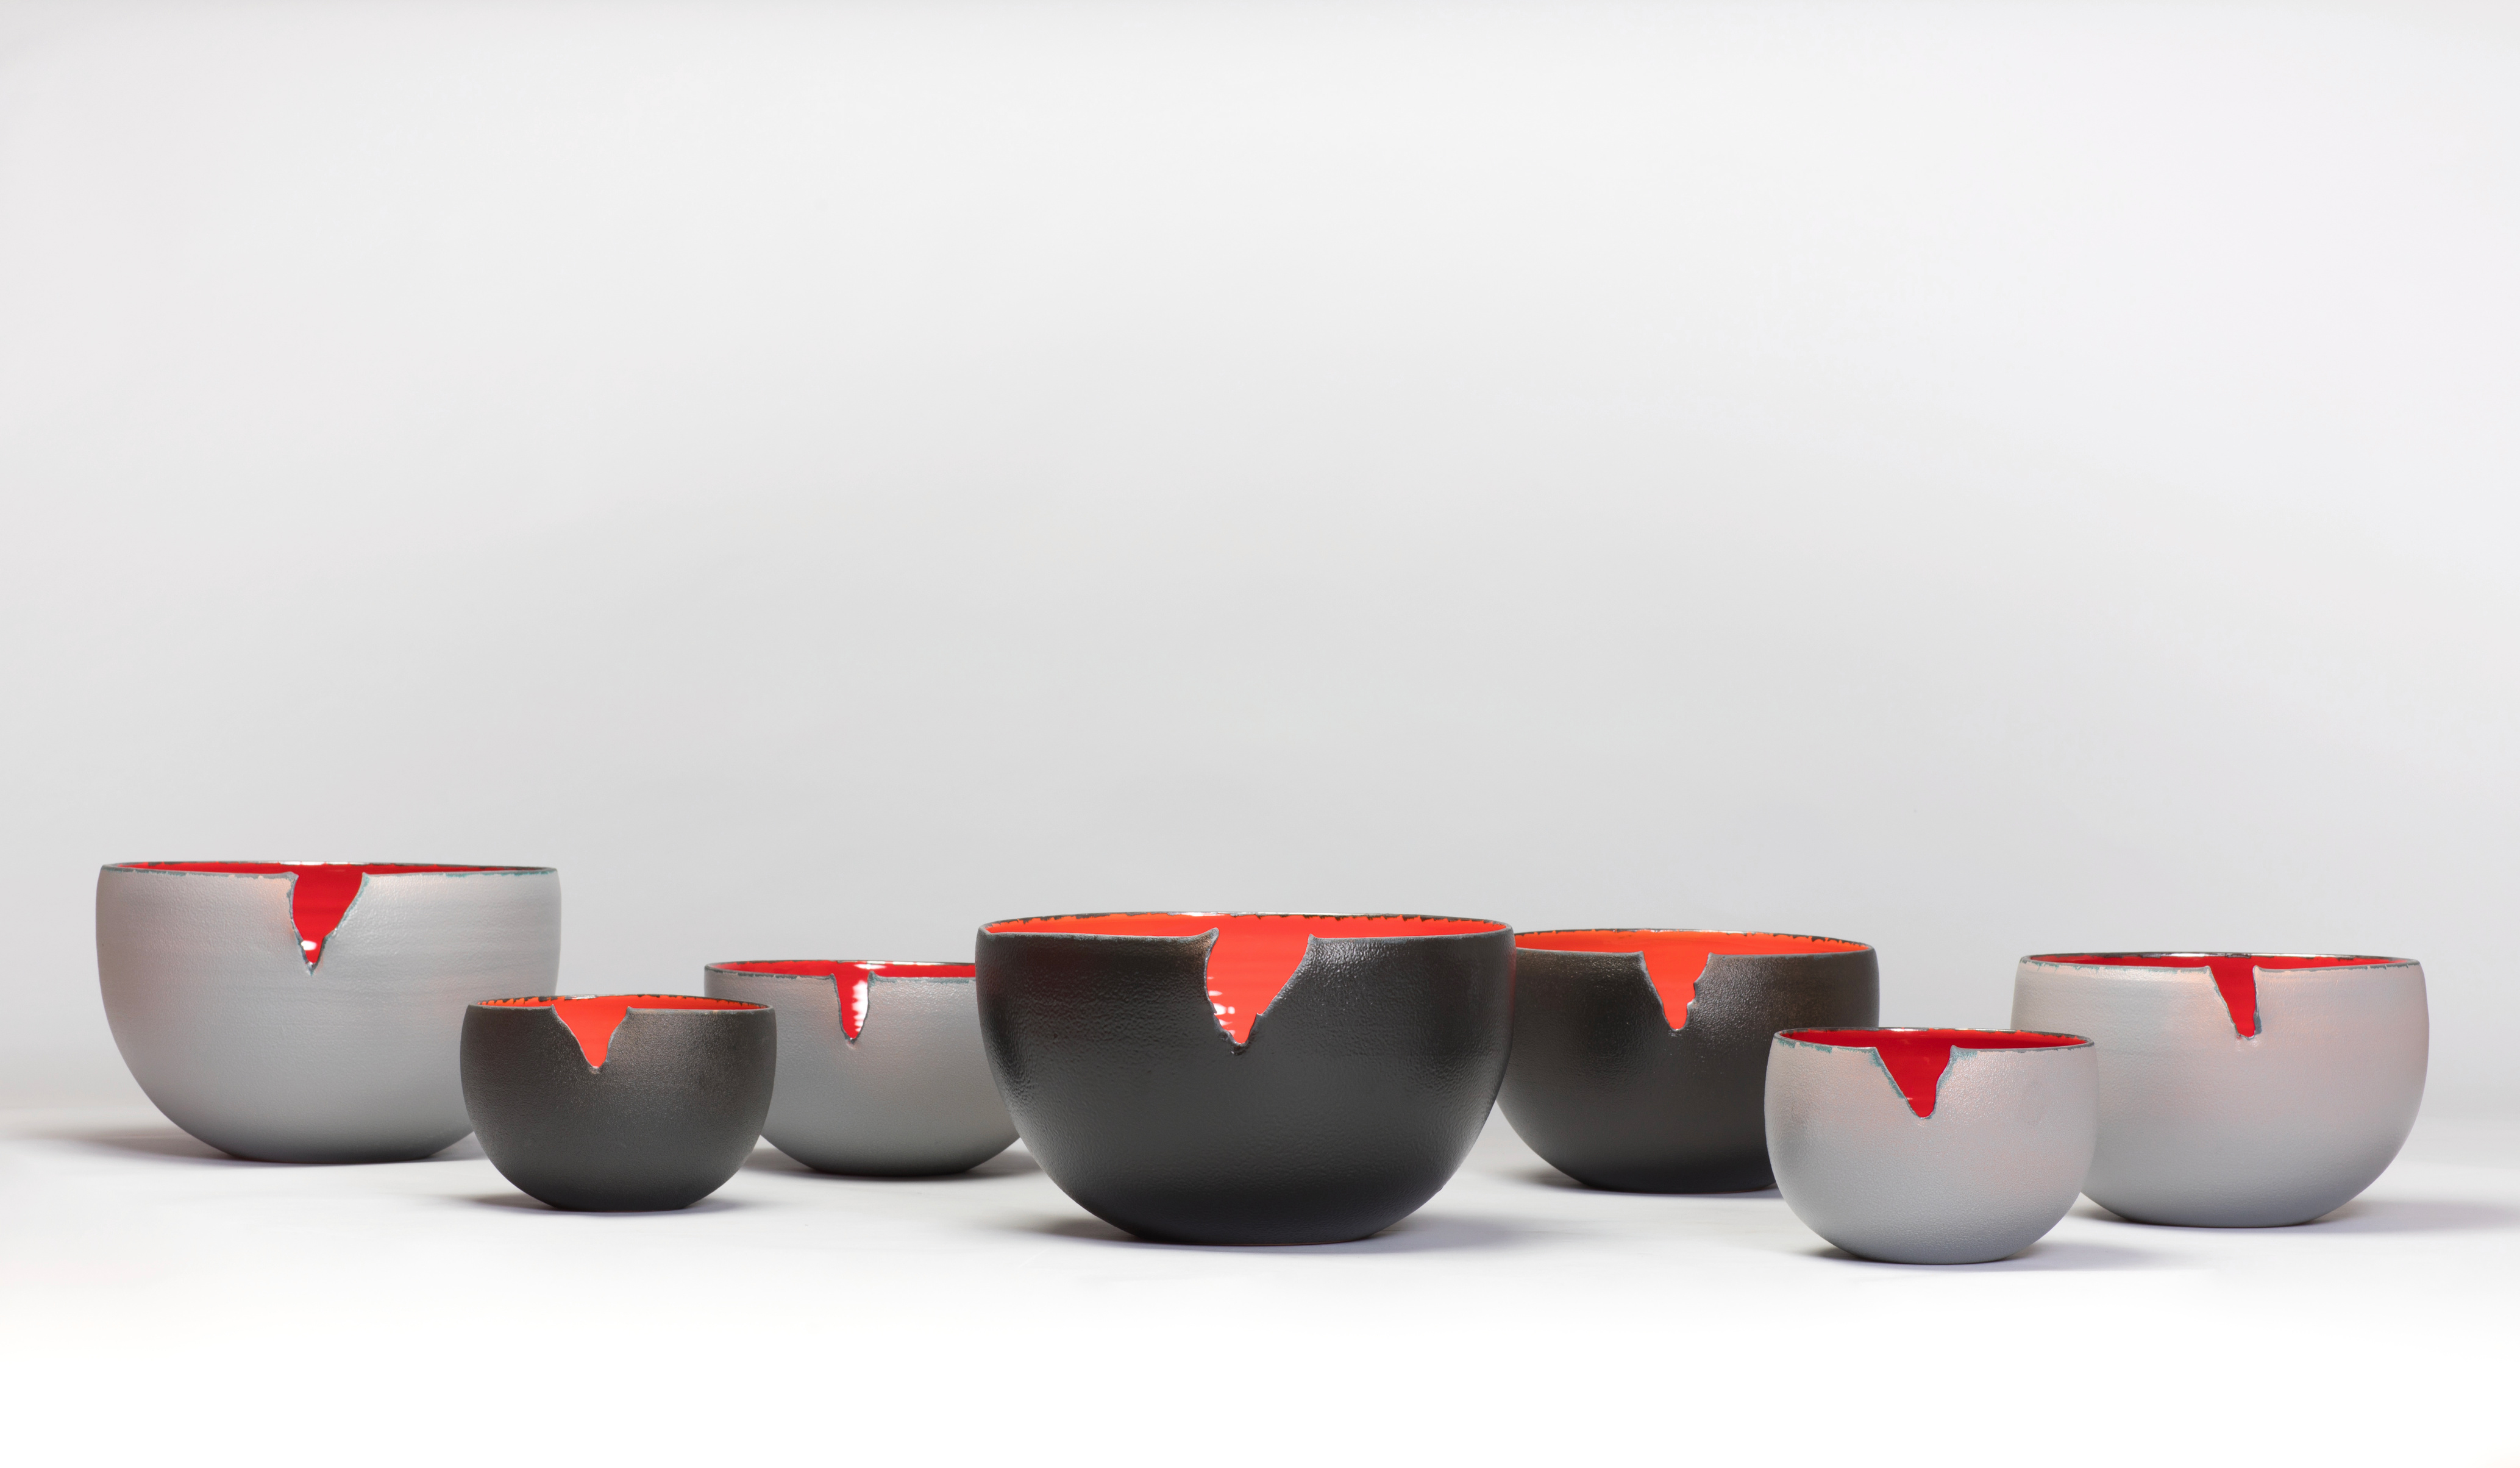 Eva mun oggetti d arredo in ceramica tra design e craft for Oggetti d arredo particolari